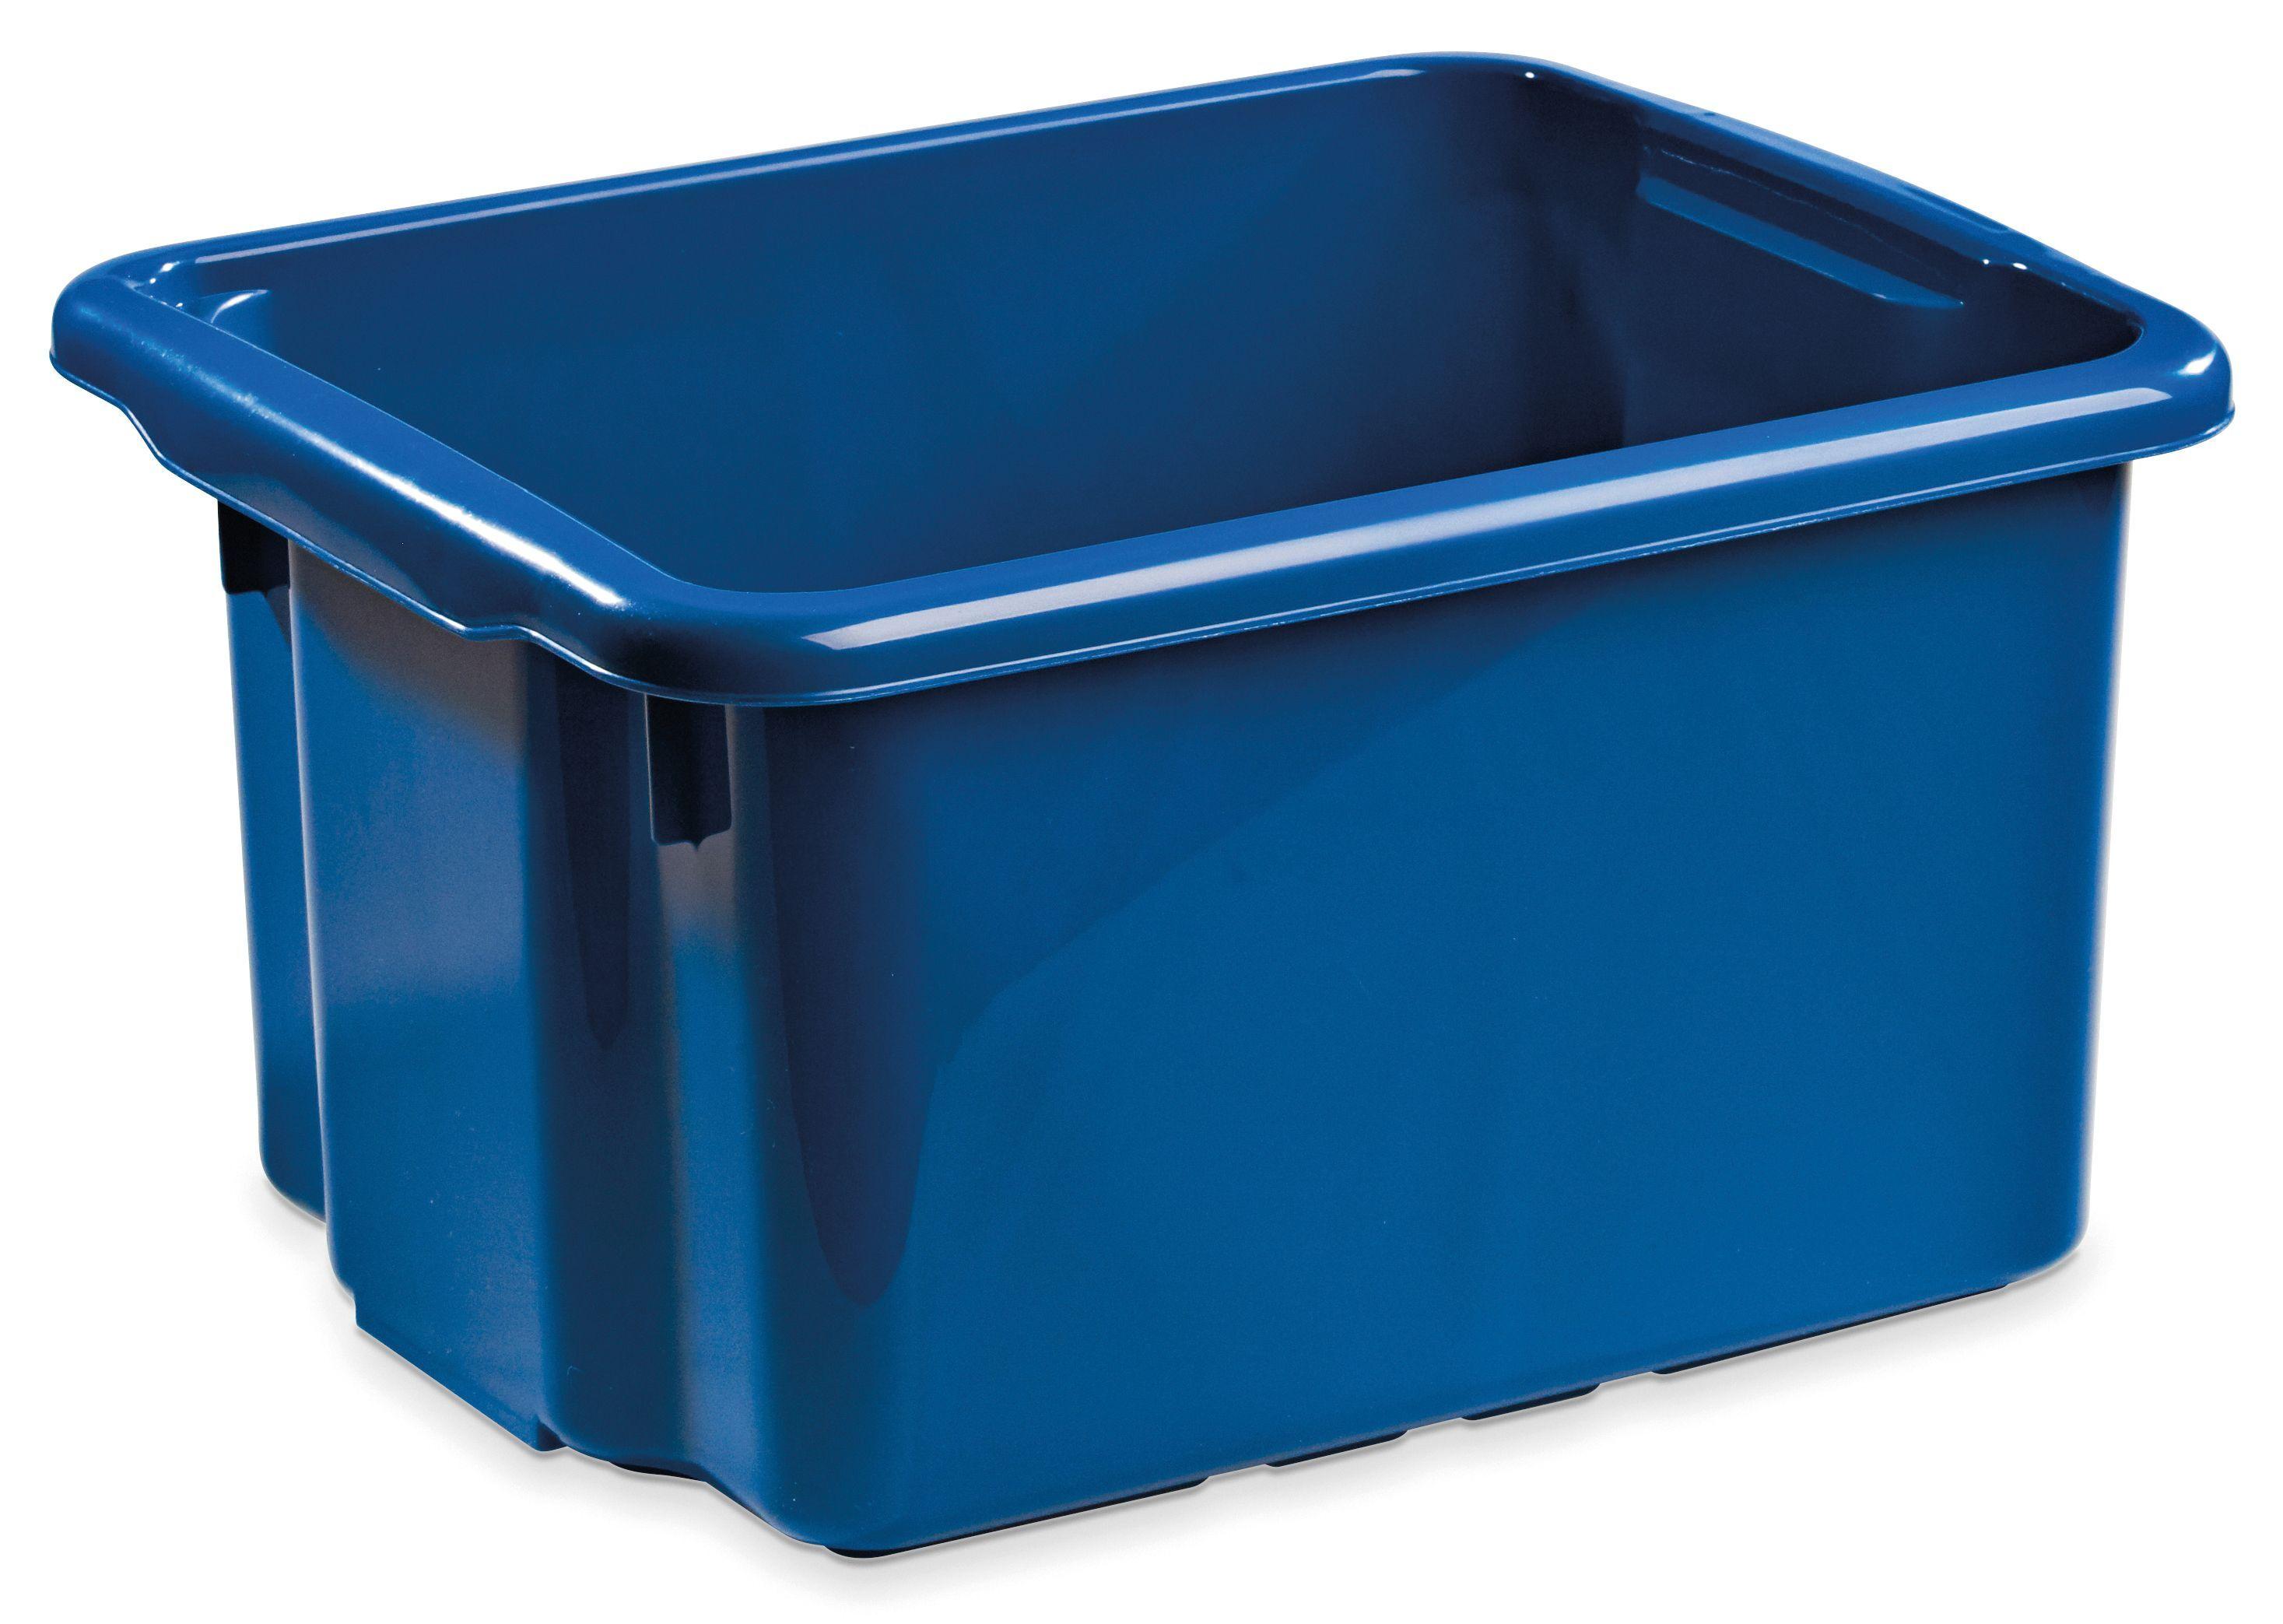 Oppbevaringsboks 7150-0600 Oppbevaringsboks NORDISKA PLAST 15L blå